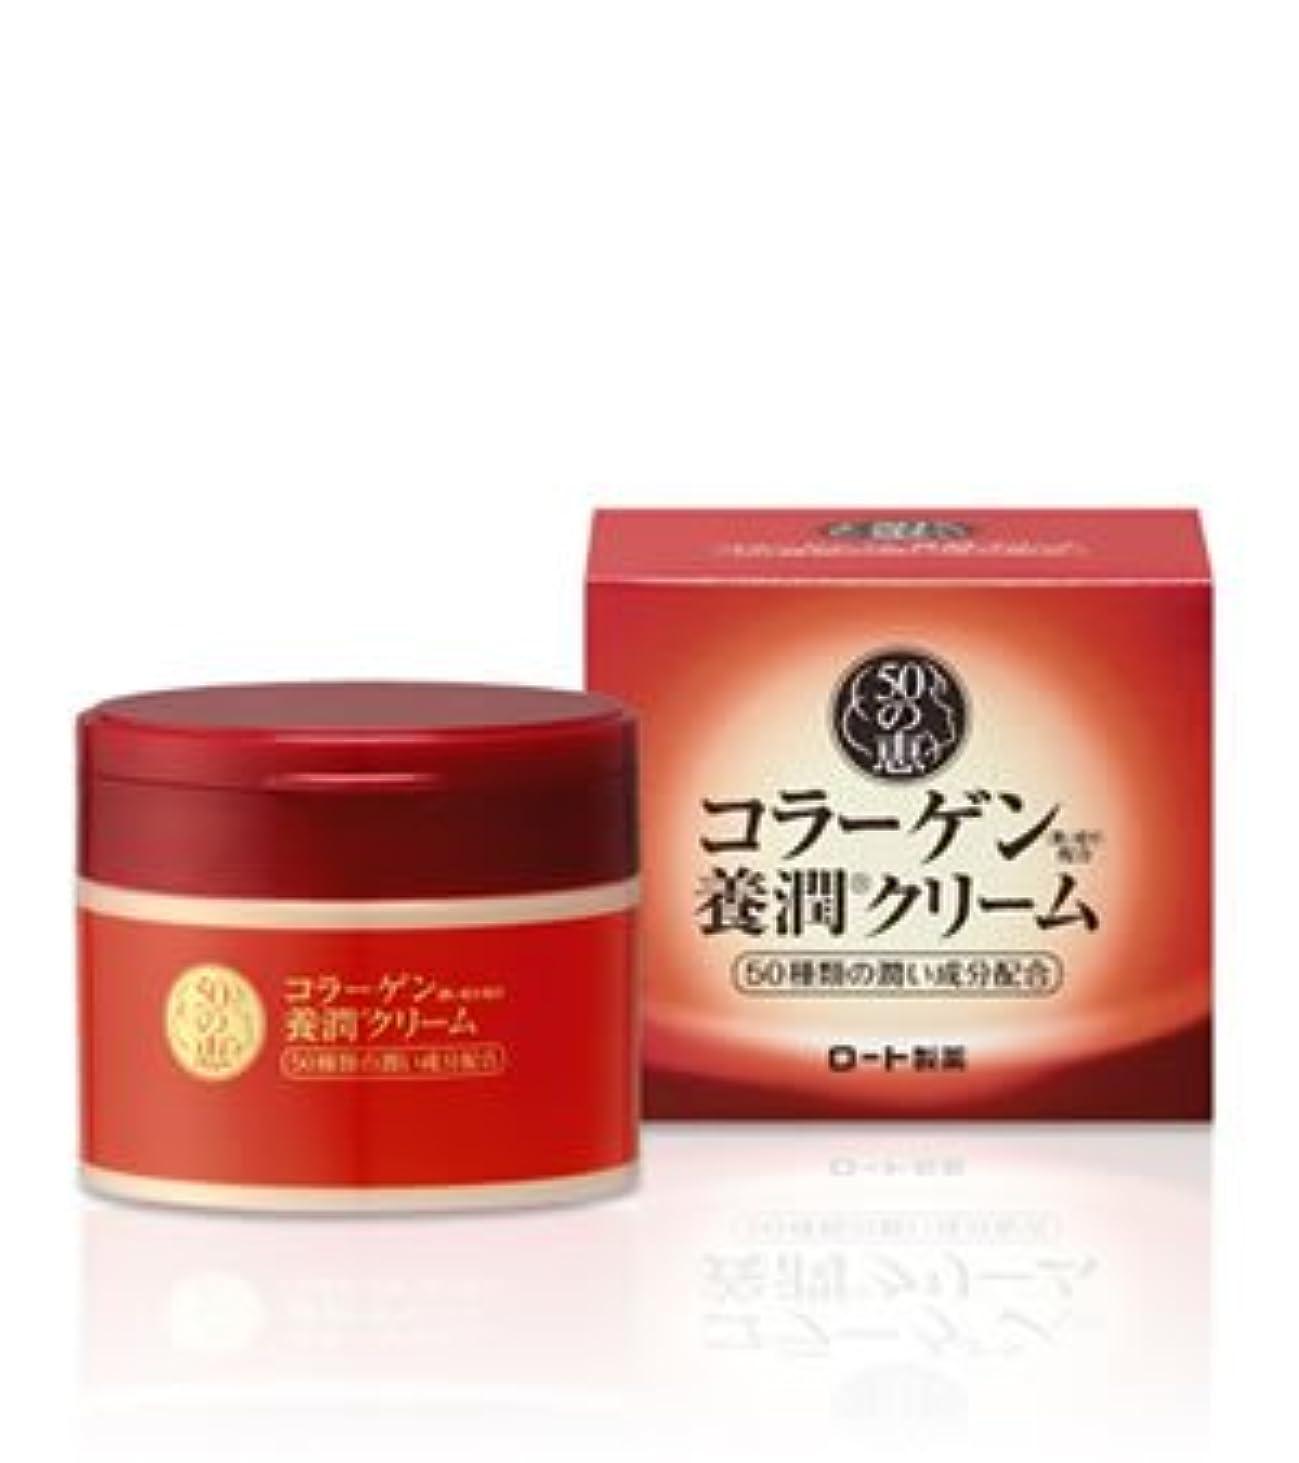 キャロラインコール選挙50の恵 コラーゲン配合養潤クリーム 90g